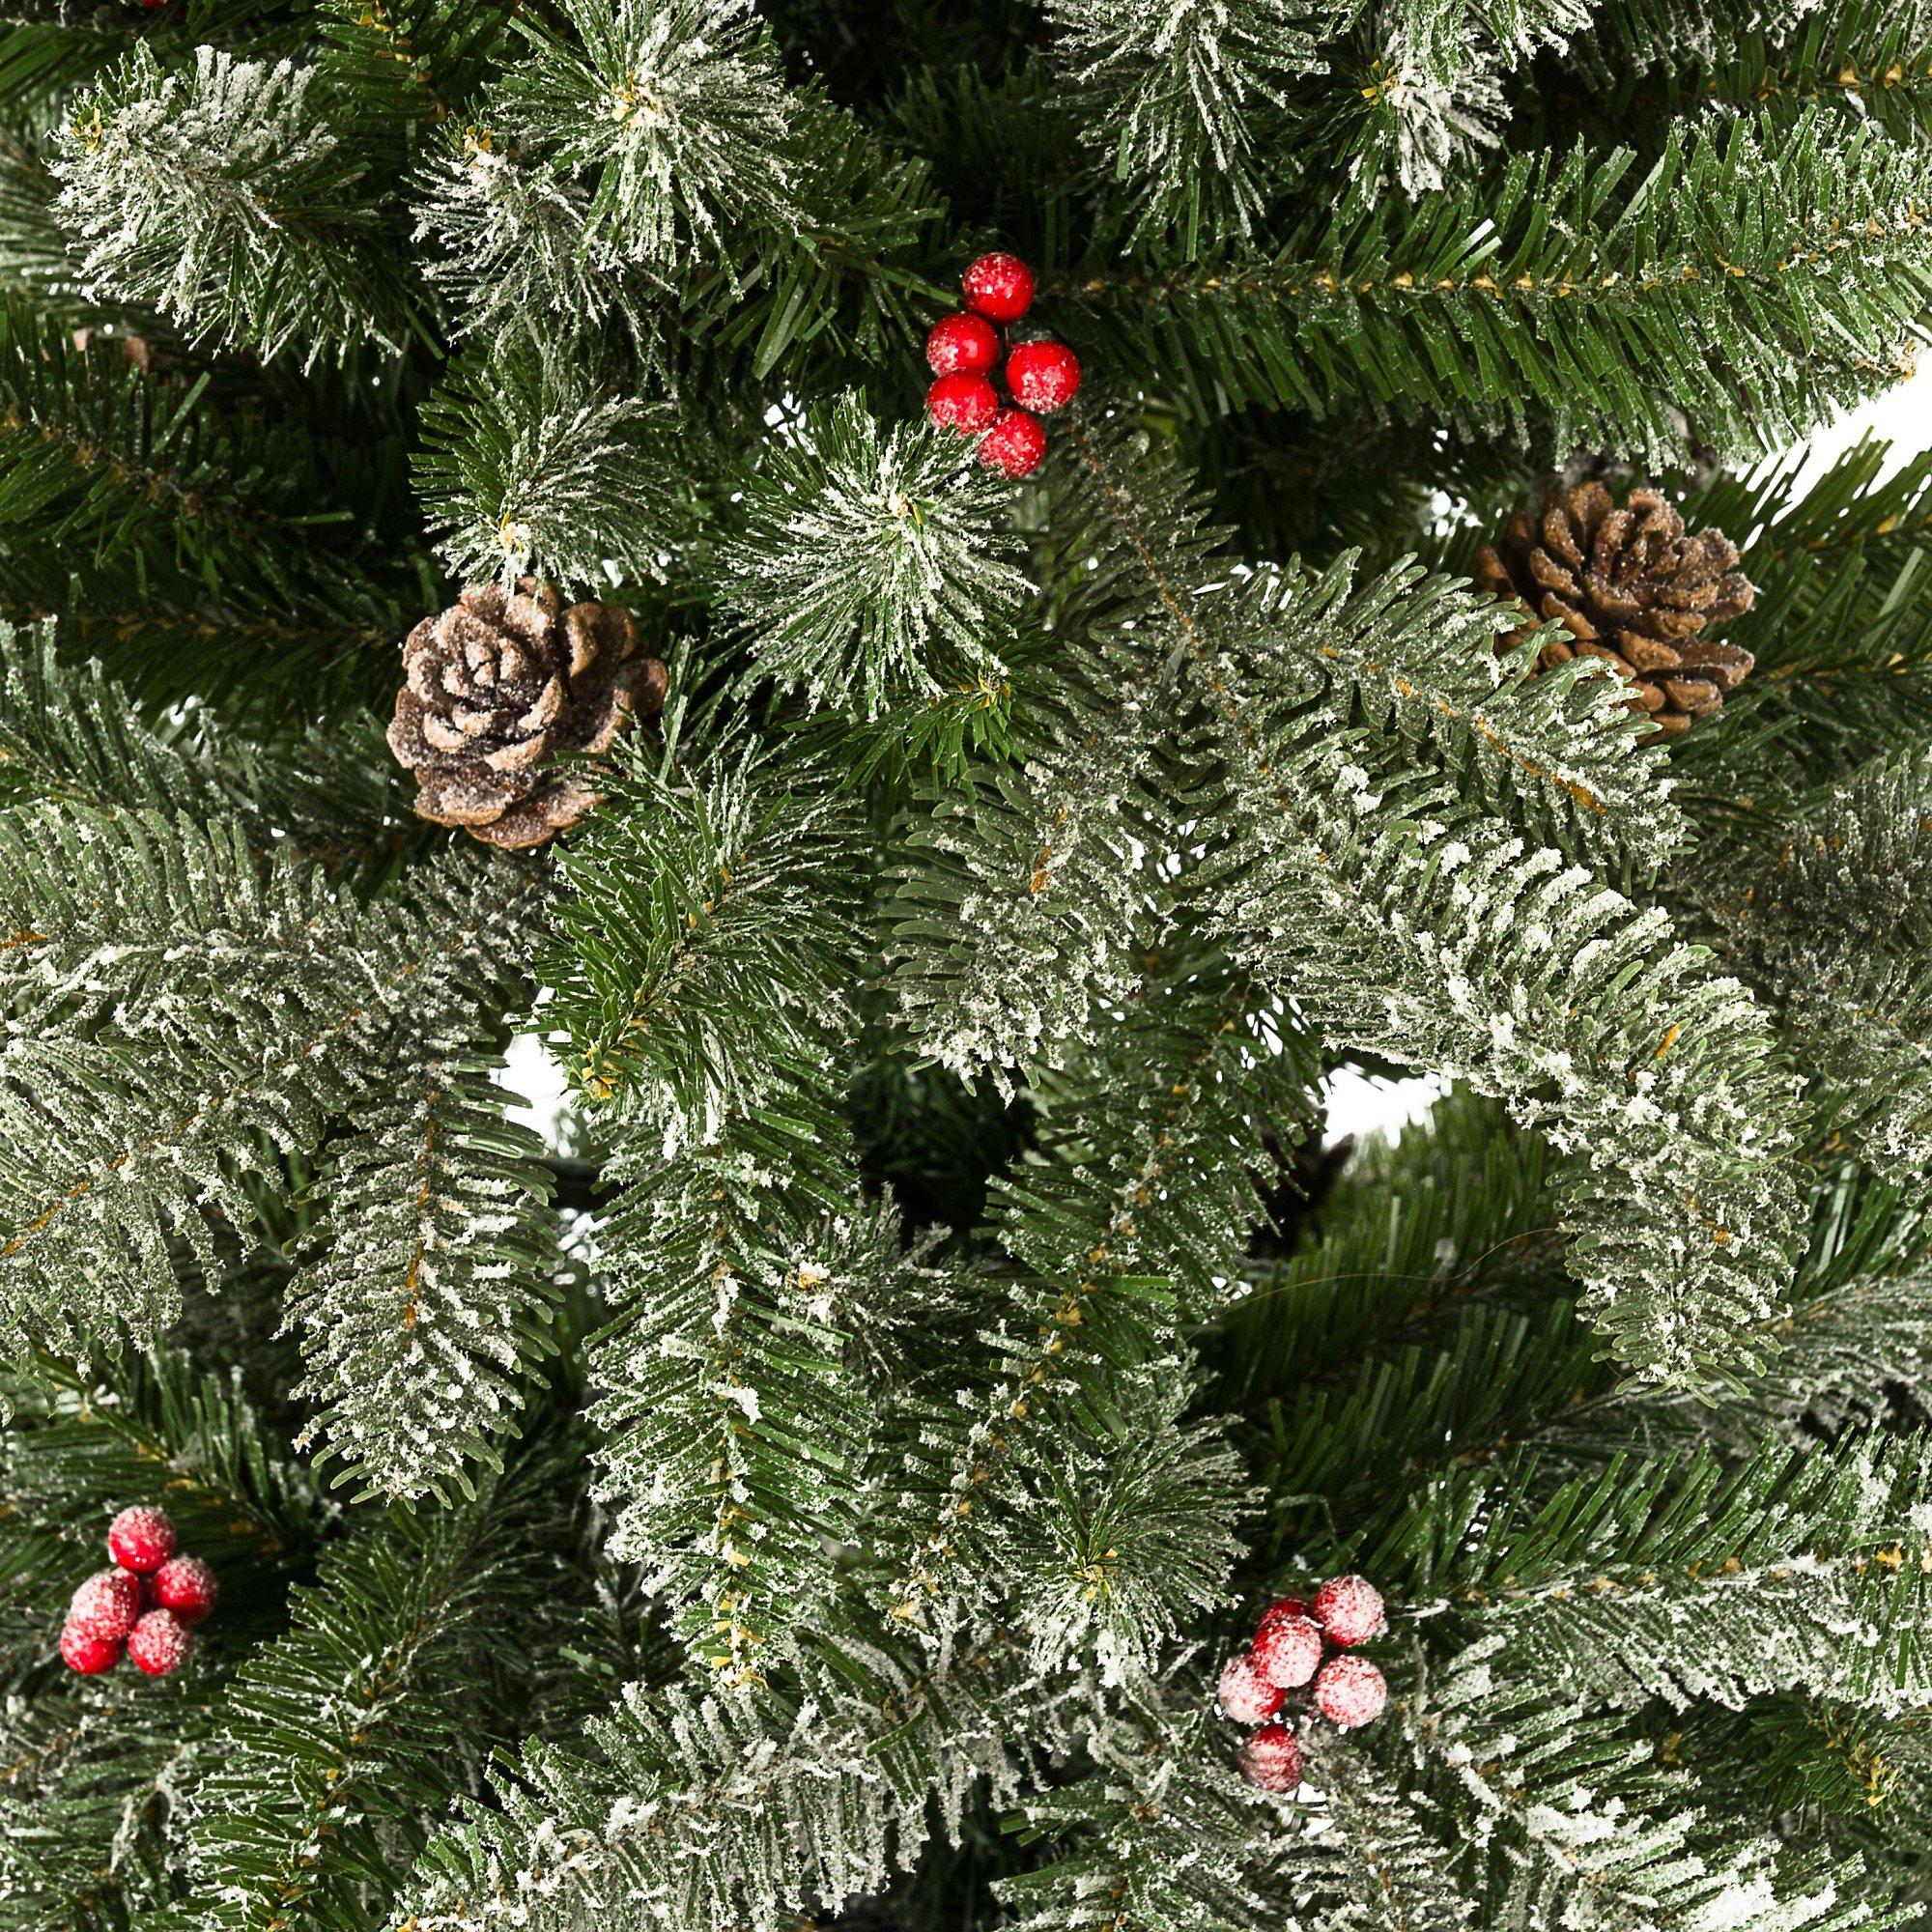 Tannenbaum Der Schneit.Deko Tannenbaum Beschneit Jetzt Bei Weltbild De Bestellen